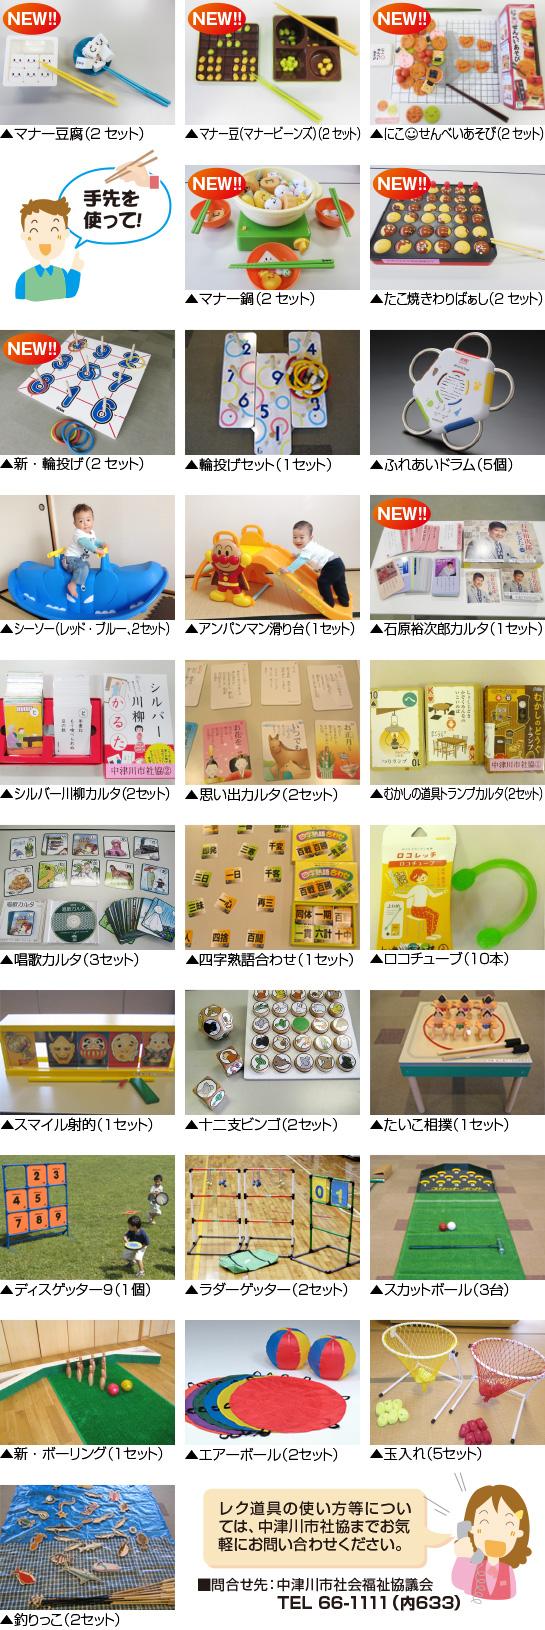 fureaigame2015.jpg